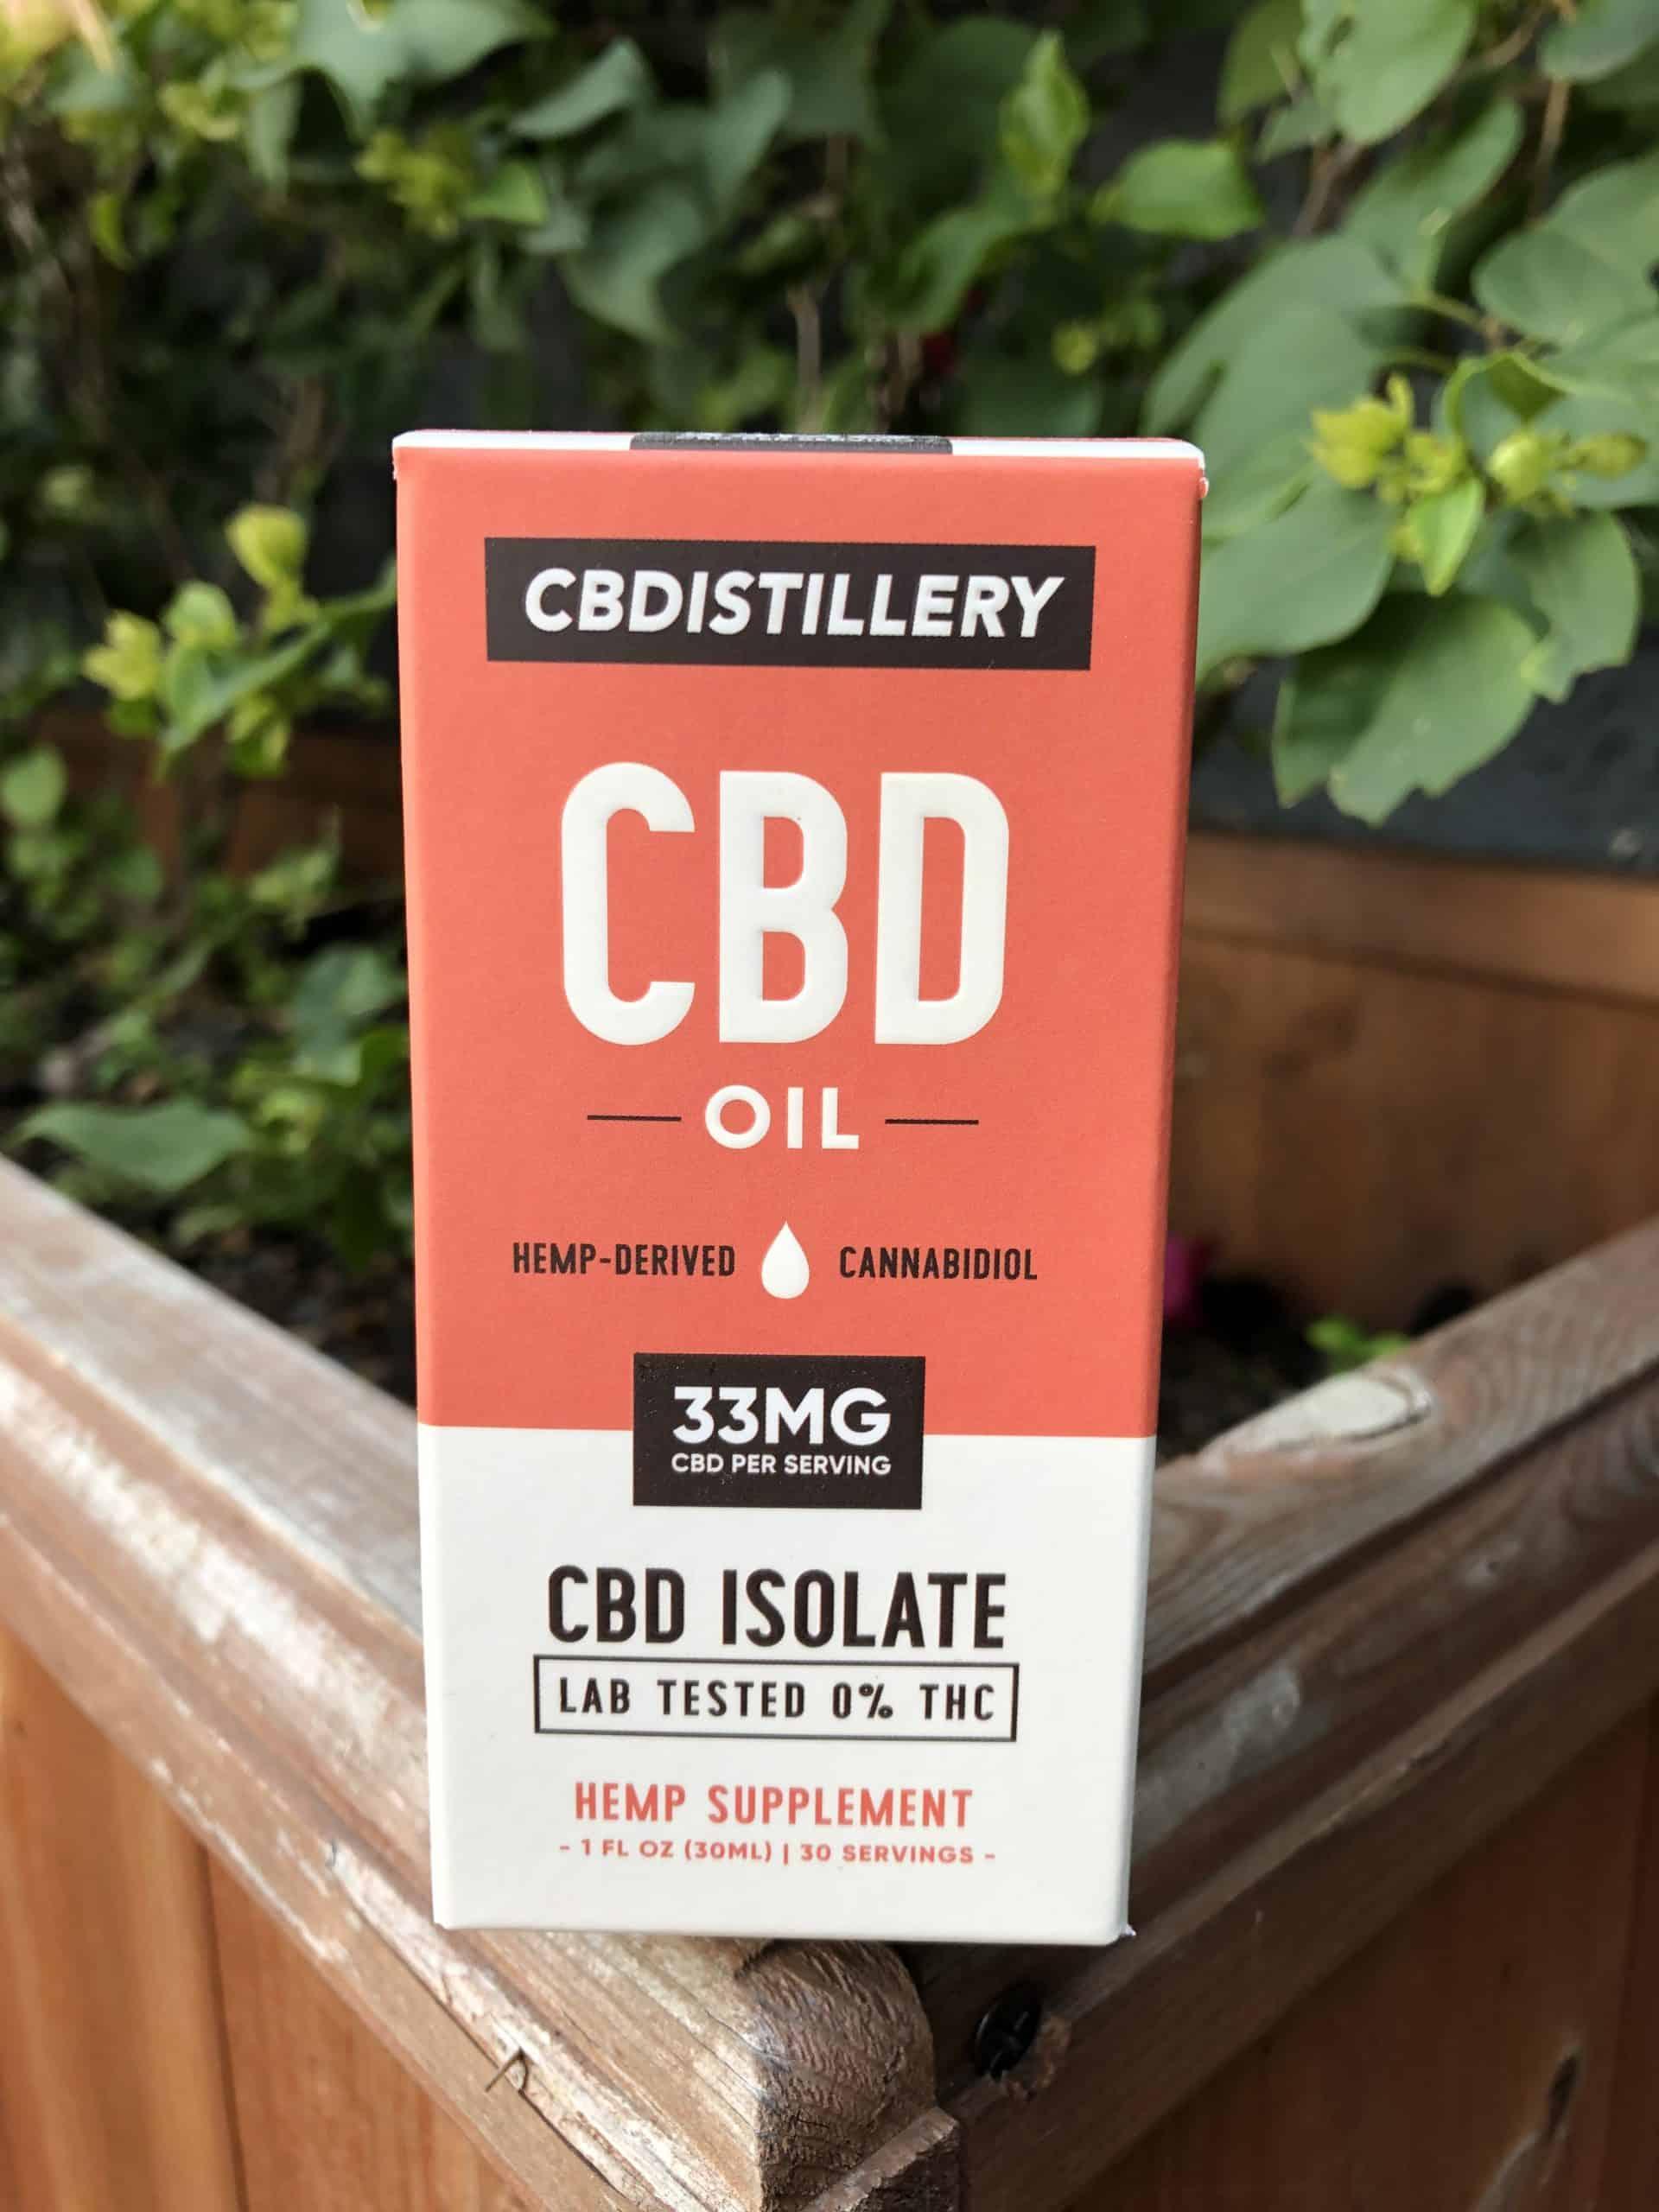 CBDISTILLERY THC-FREE PURE CBD OIL TINCTURE - 1,000 MG